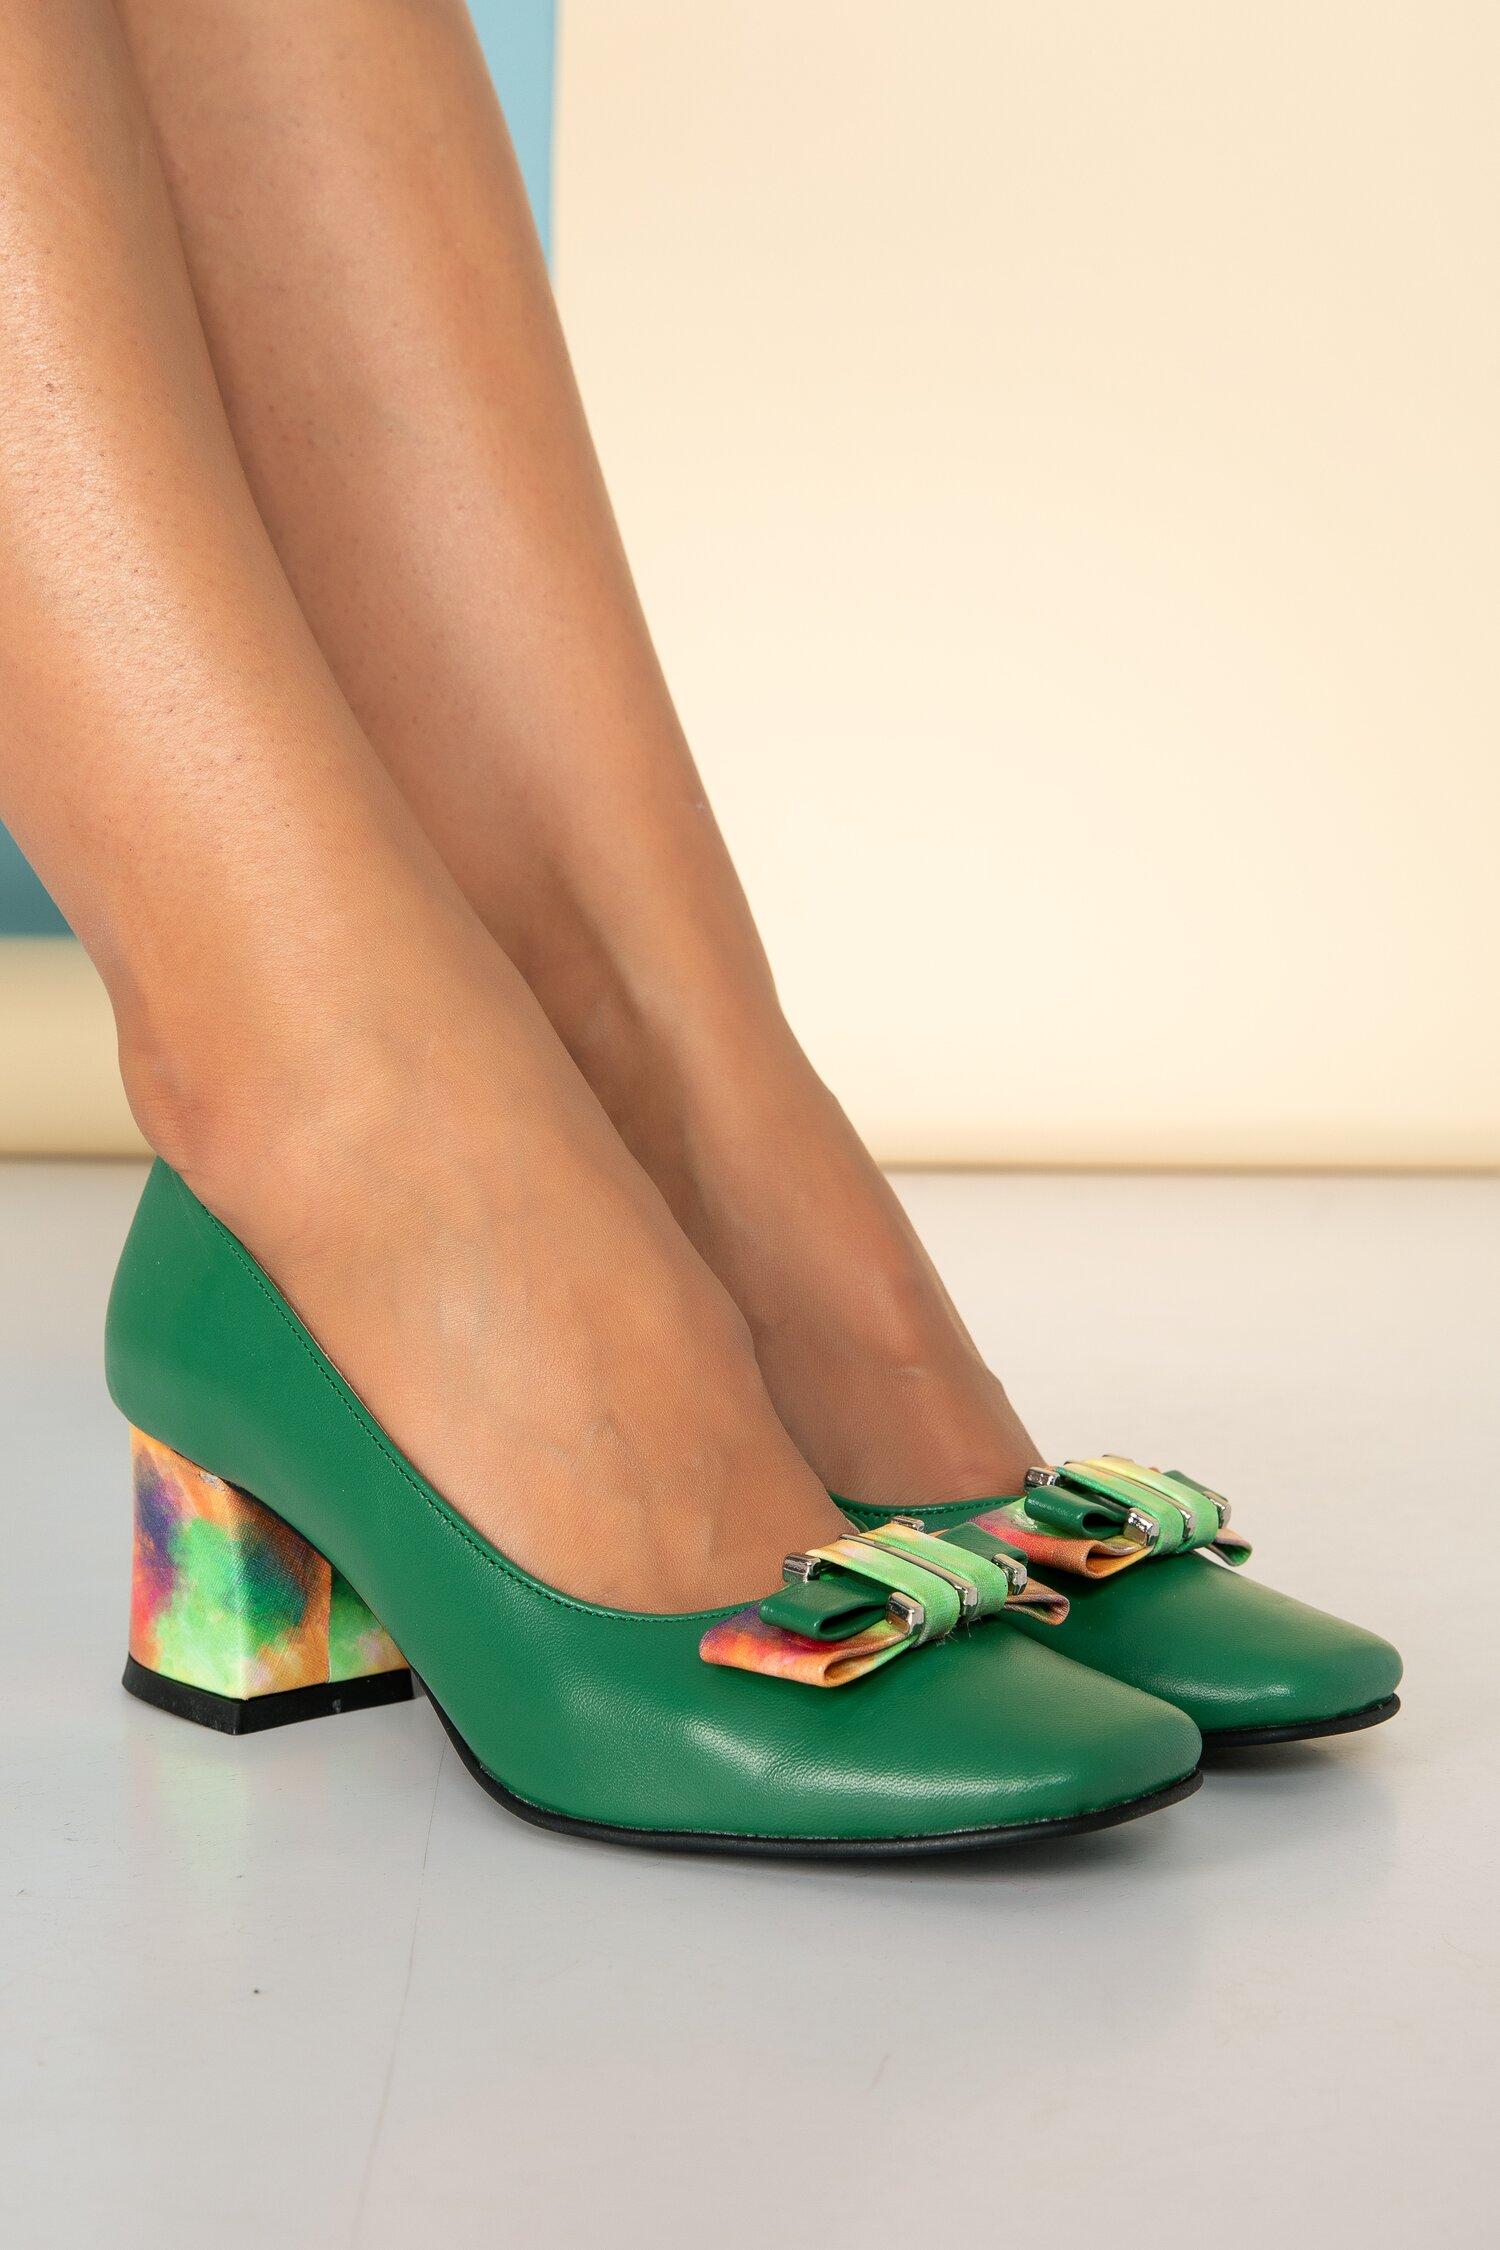 Pantofi verzi cu aplicatie metalica si fundita multicolora pe varf imagine